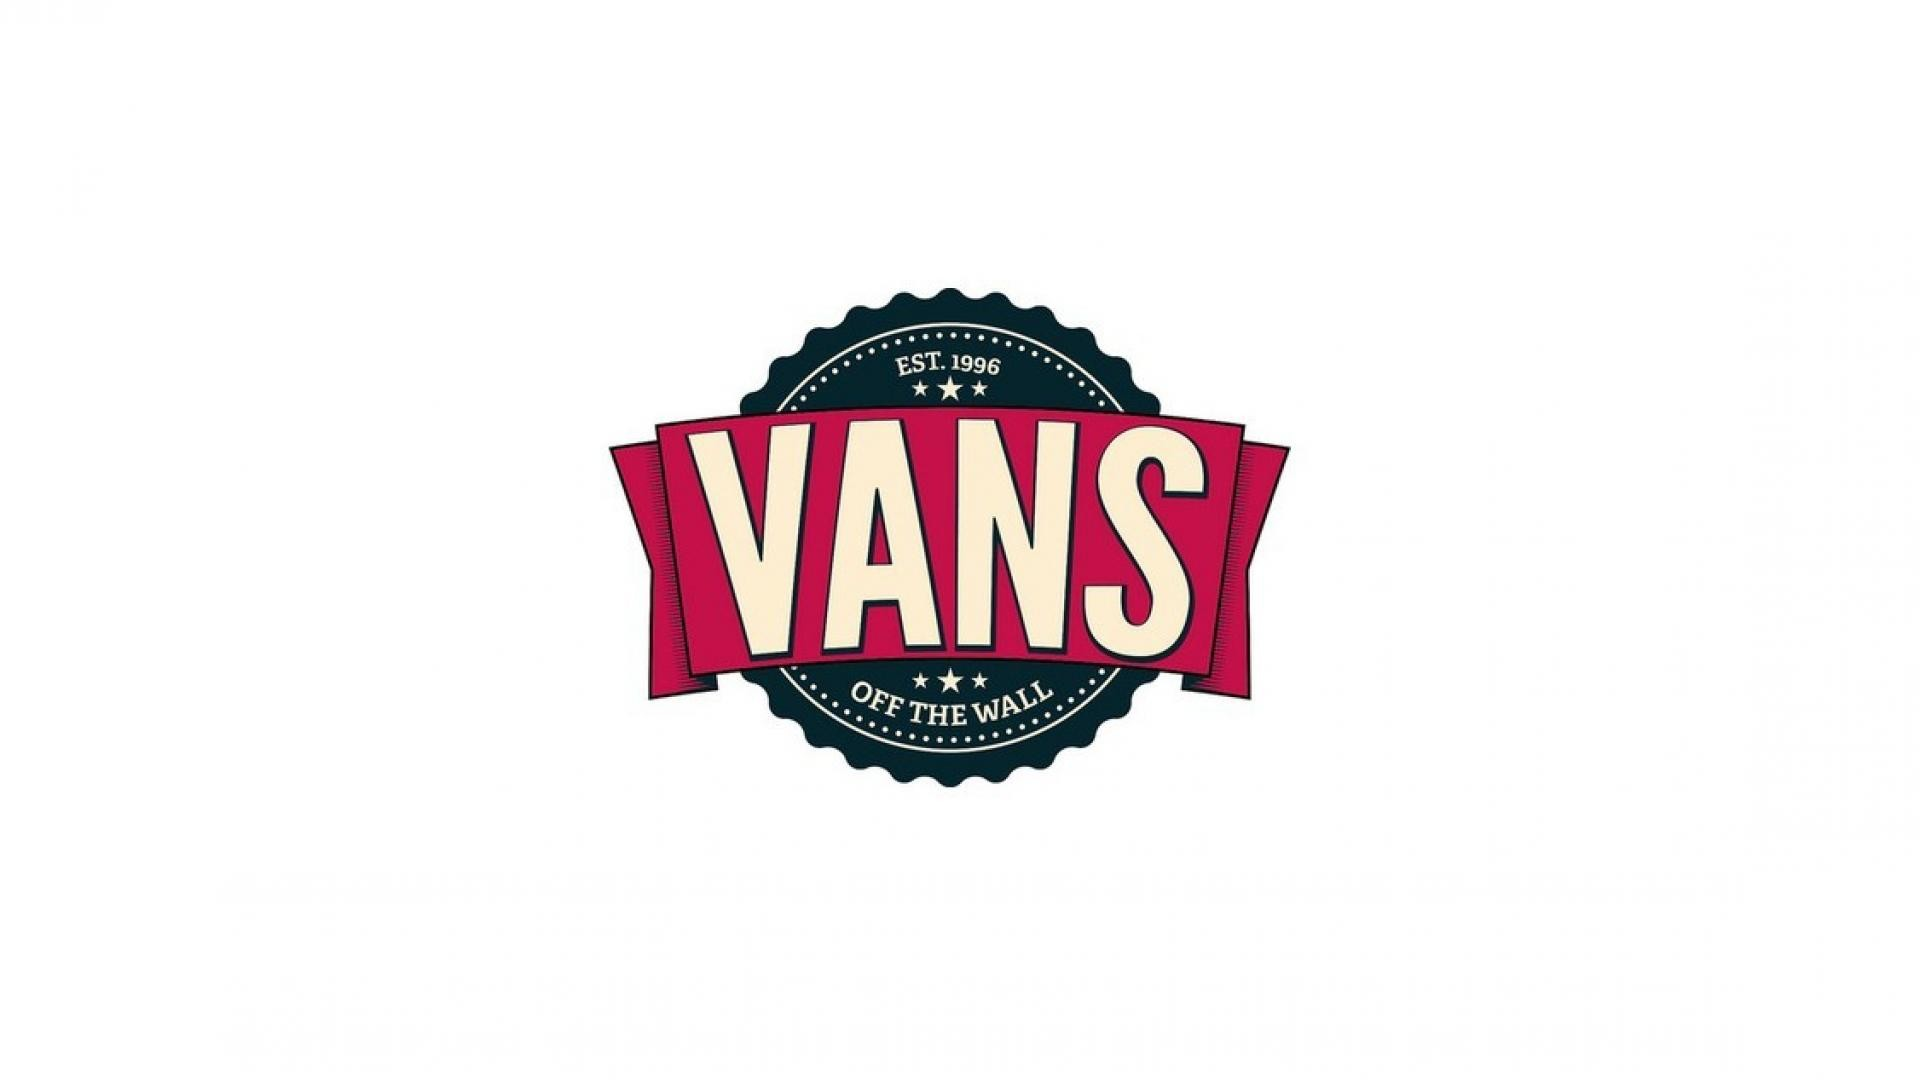 Vans Wallpapers – WallpaperSafari